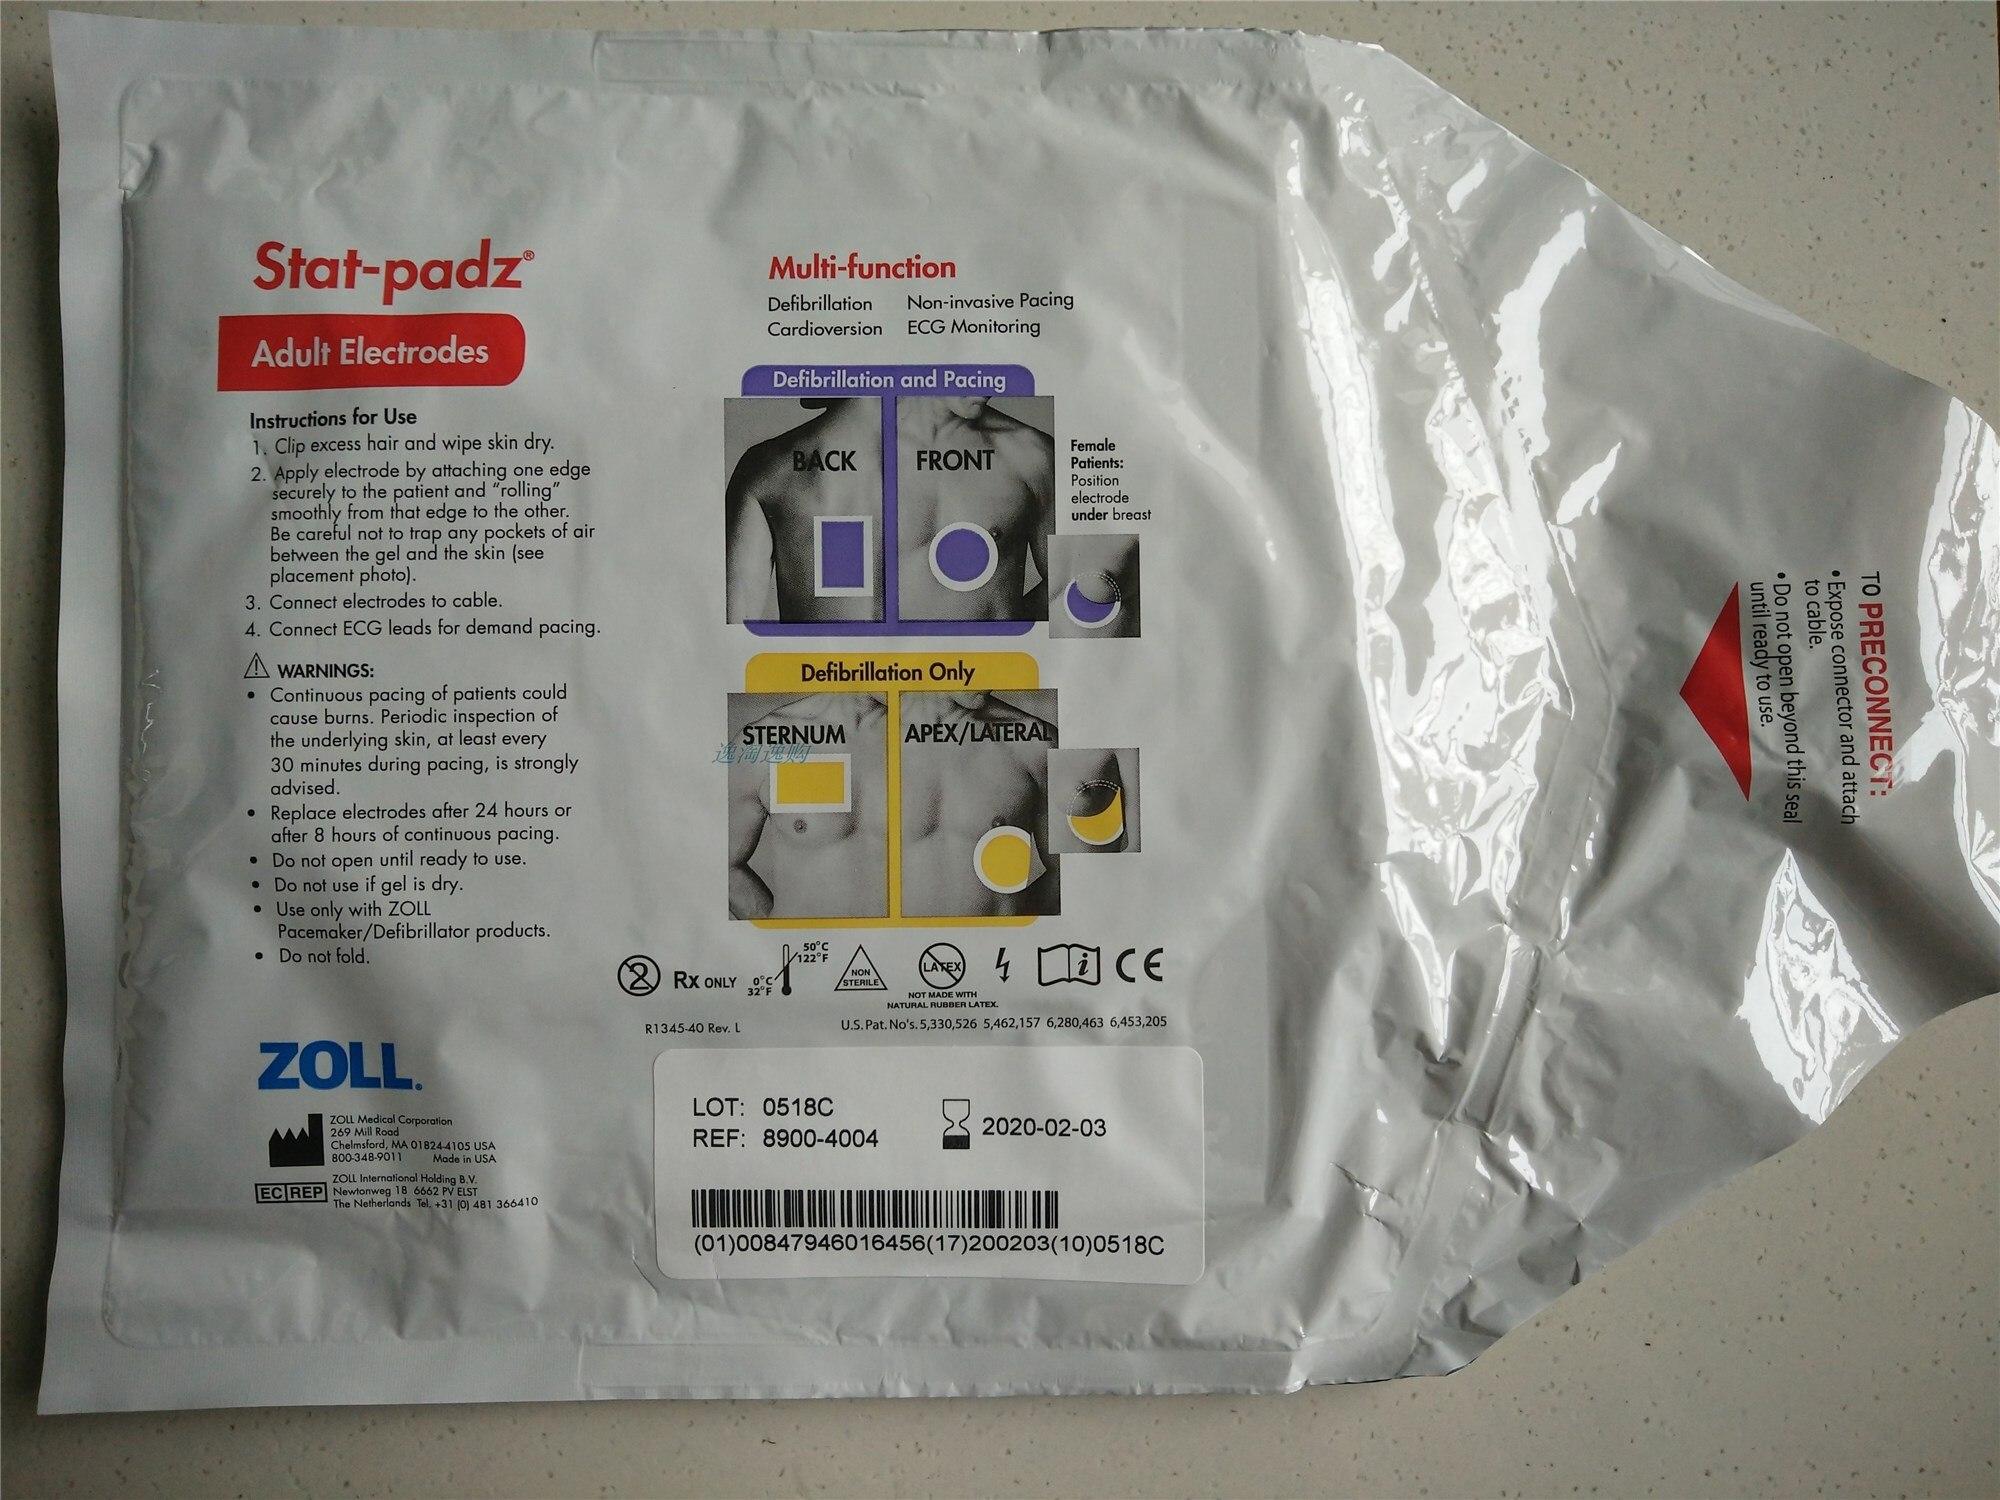 para Zoll Original Folha de Pedido M-series Desfibrilador Eletrodo n° 8900-4004